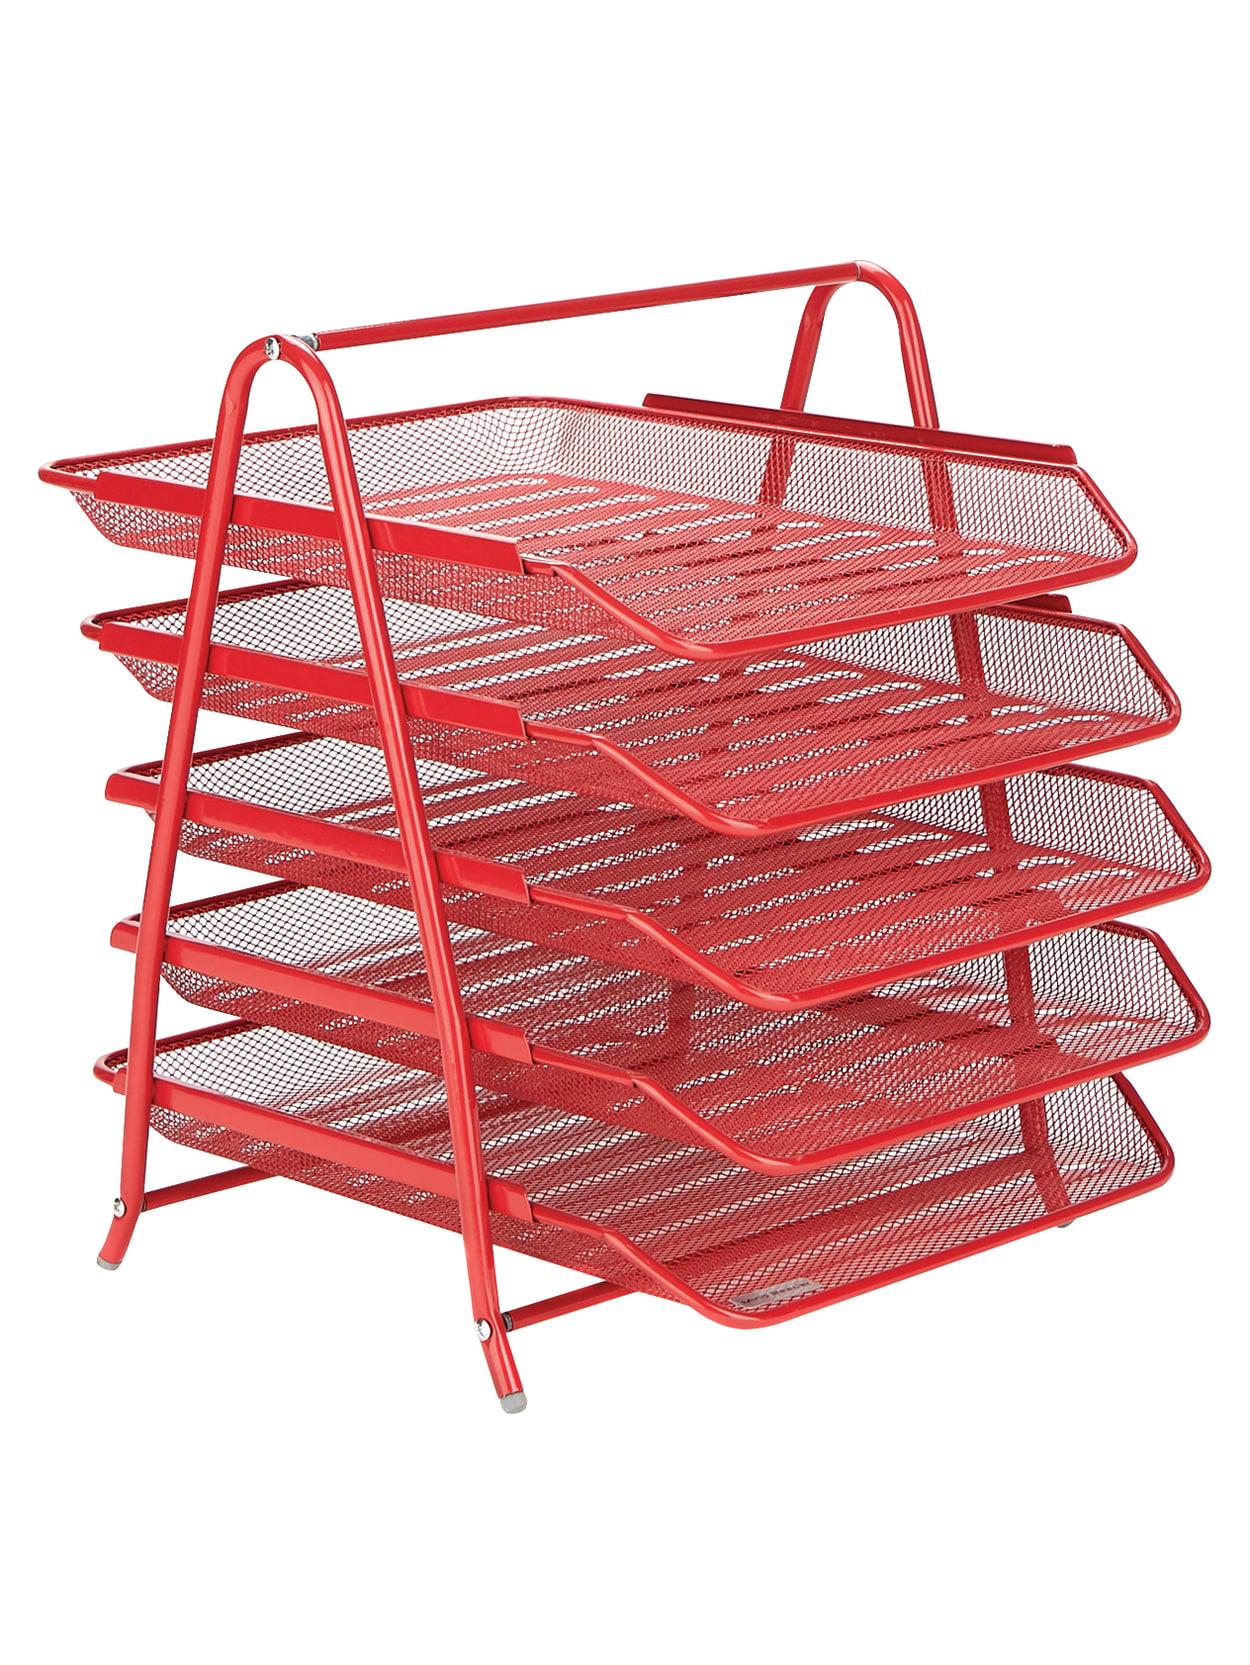 Red Desk File Sorter